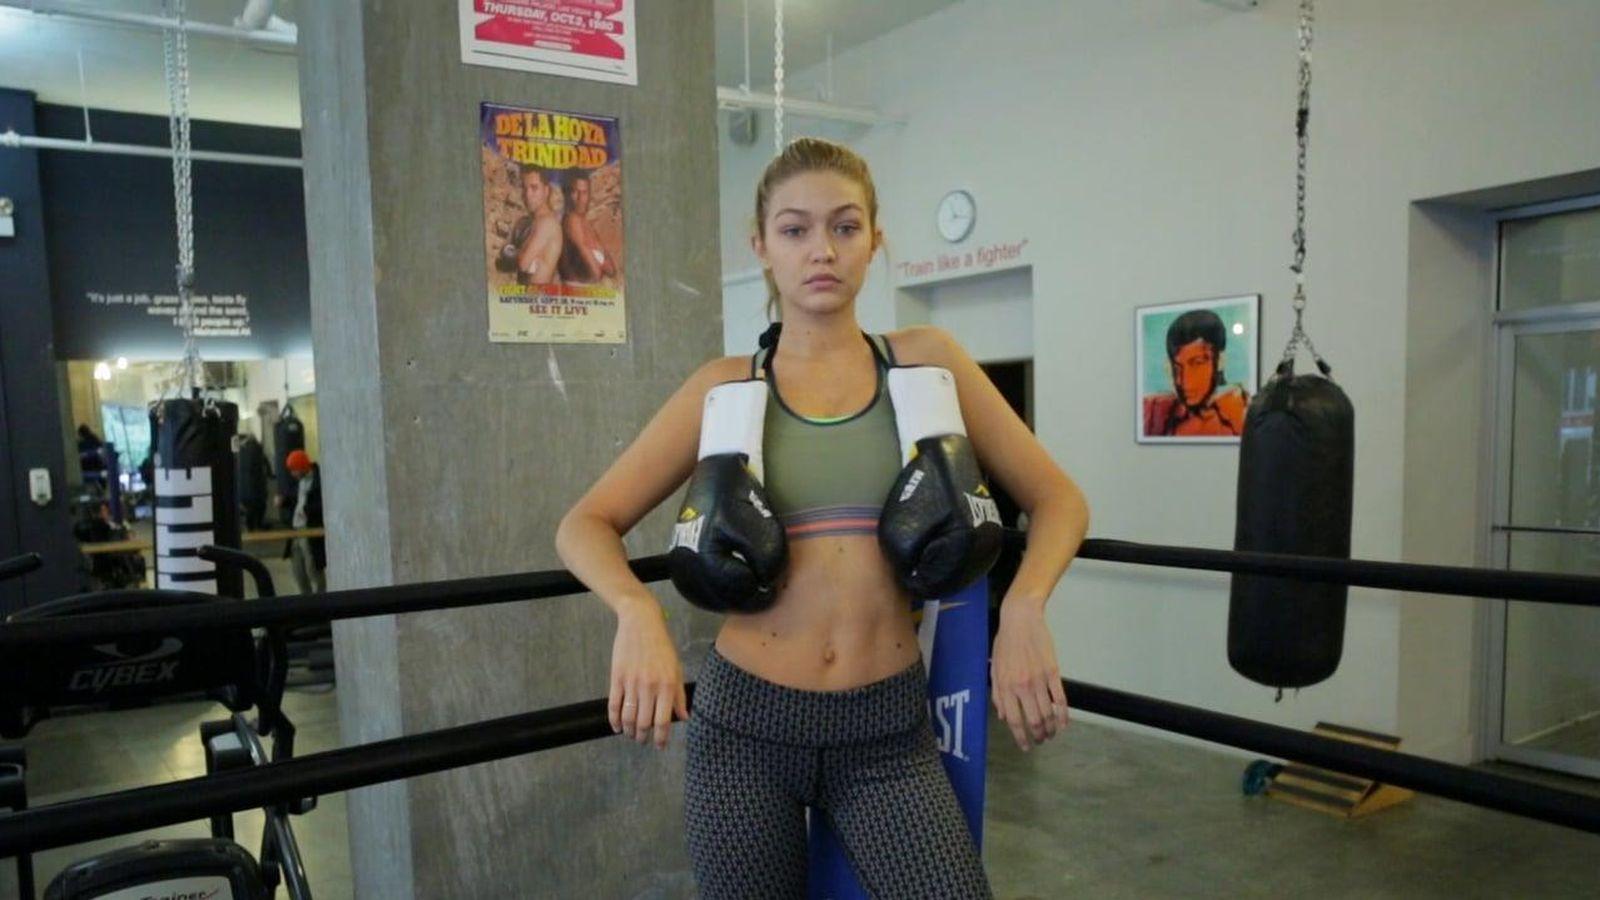 Boxeo el gimnasio de las supermodelos se parece al centro for Gimnasio de boxeo